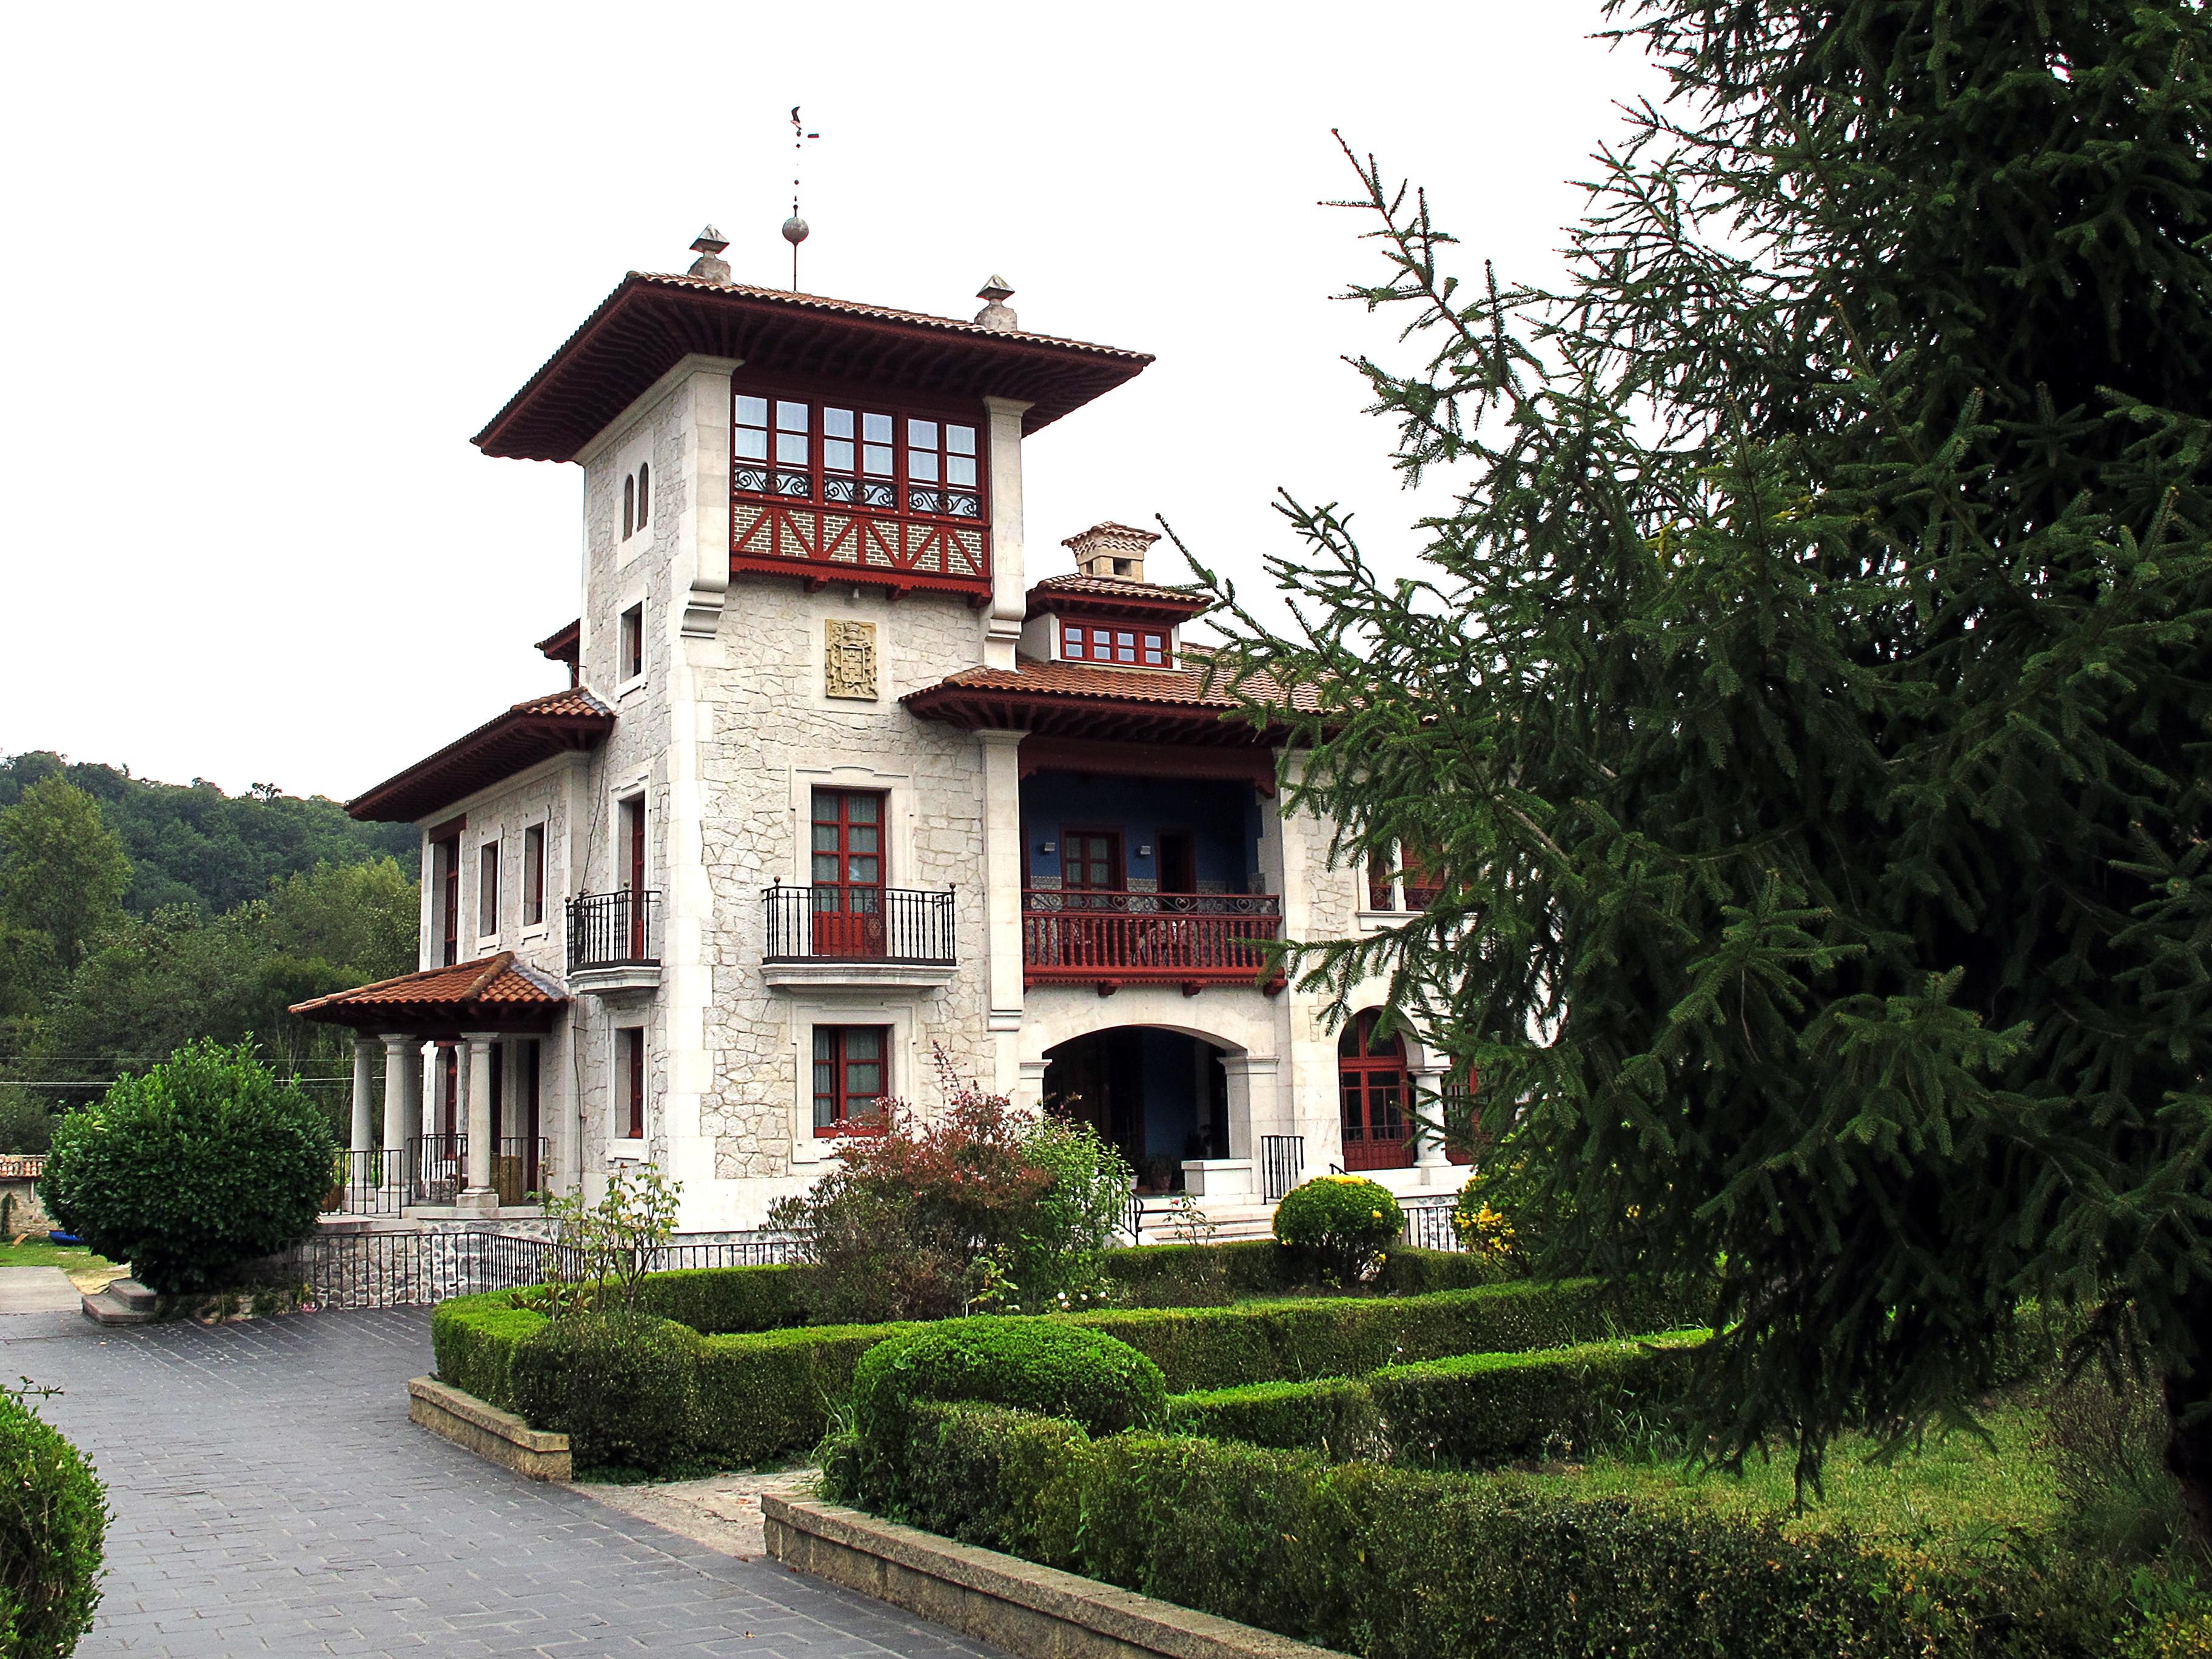 Conoces las casas tradicionales t picas de tu pa s vivados - Casa tradicional asturiana ...